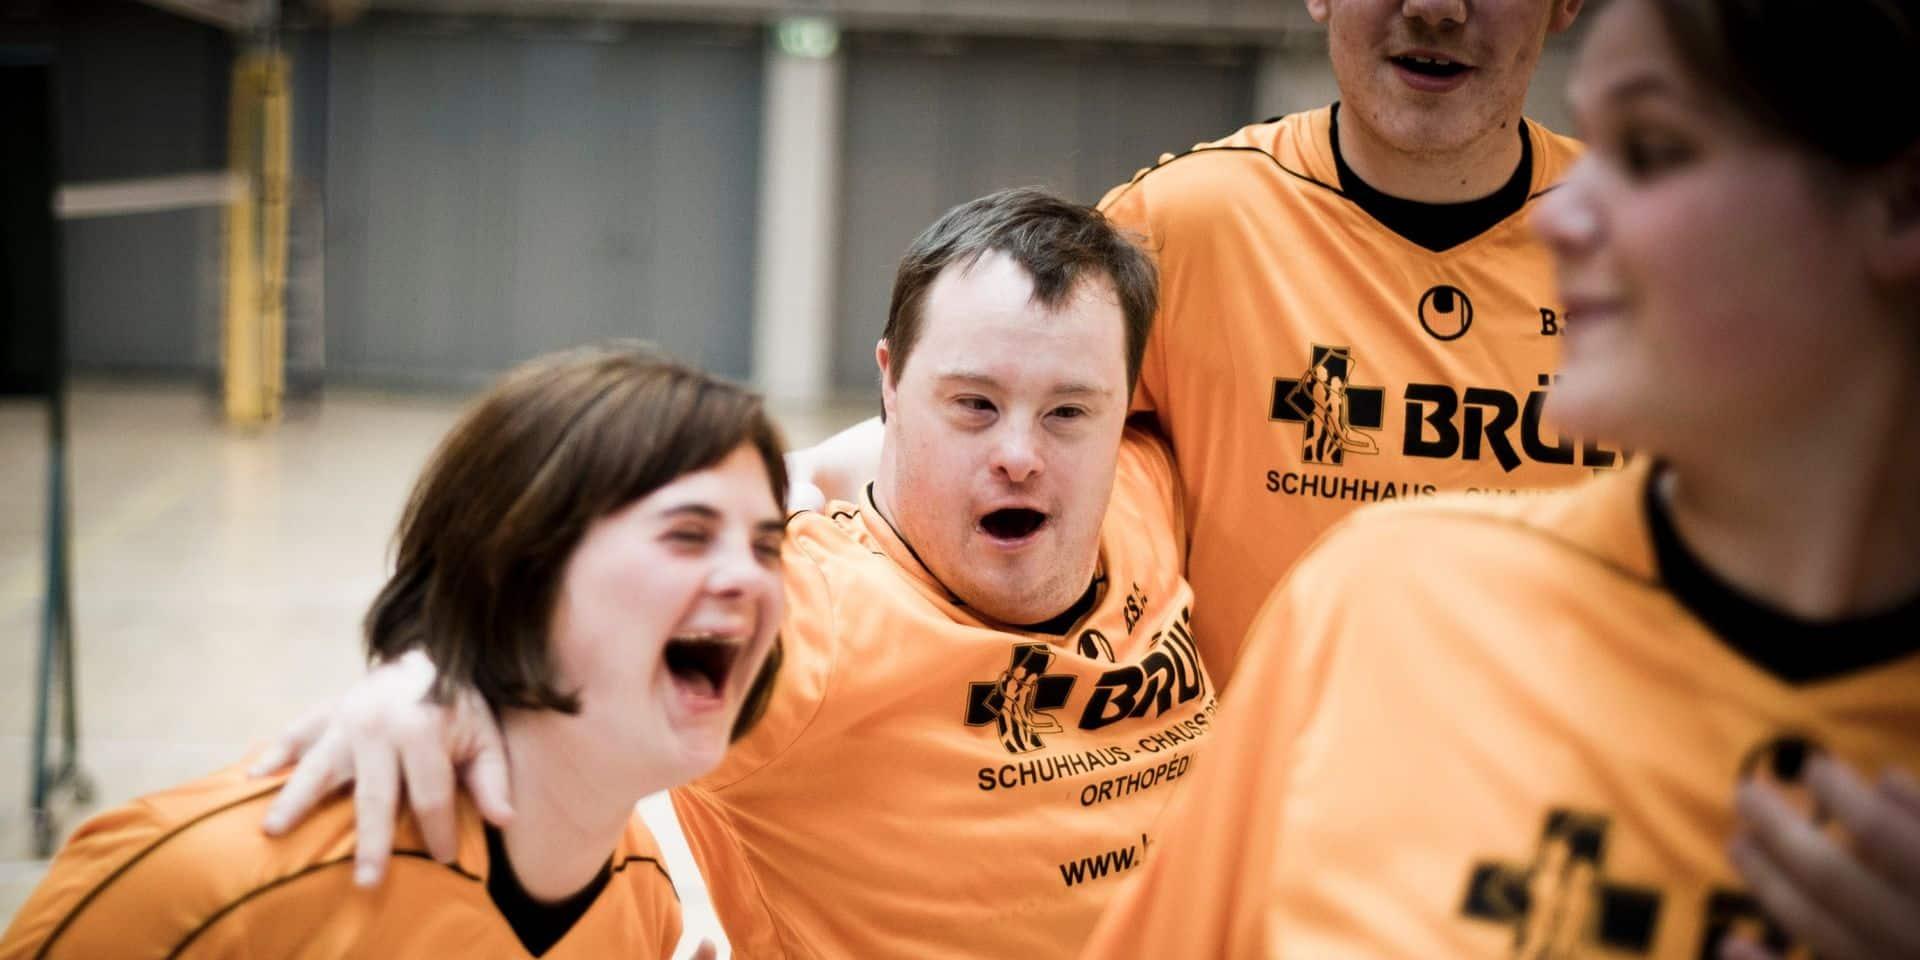 Special Olympics Belgium va organiser la première édition virtuelle des Jeux Nationaux